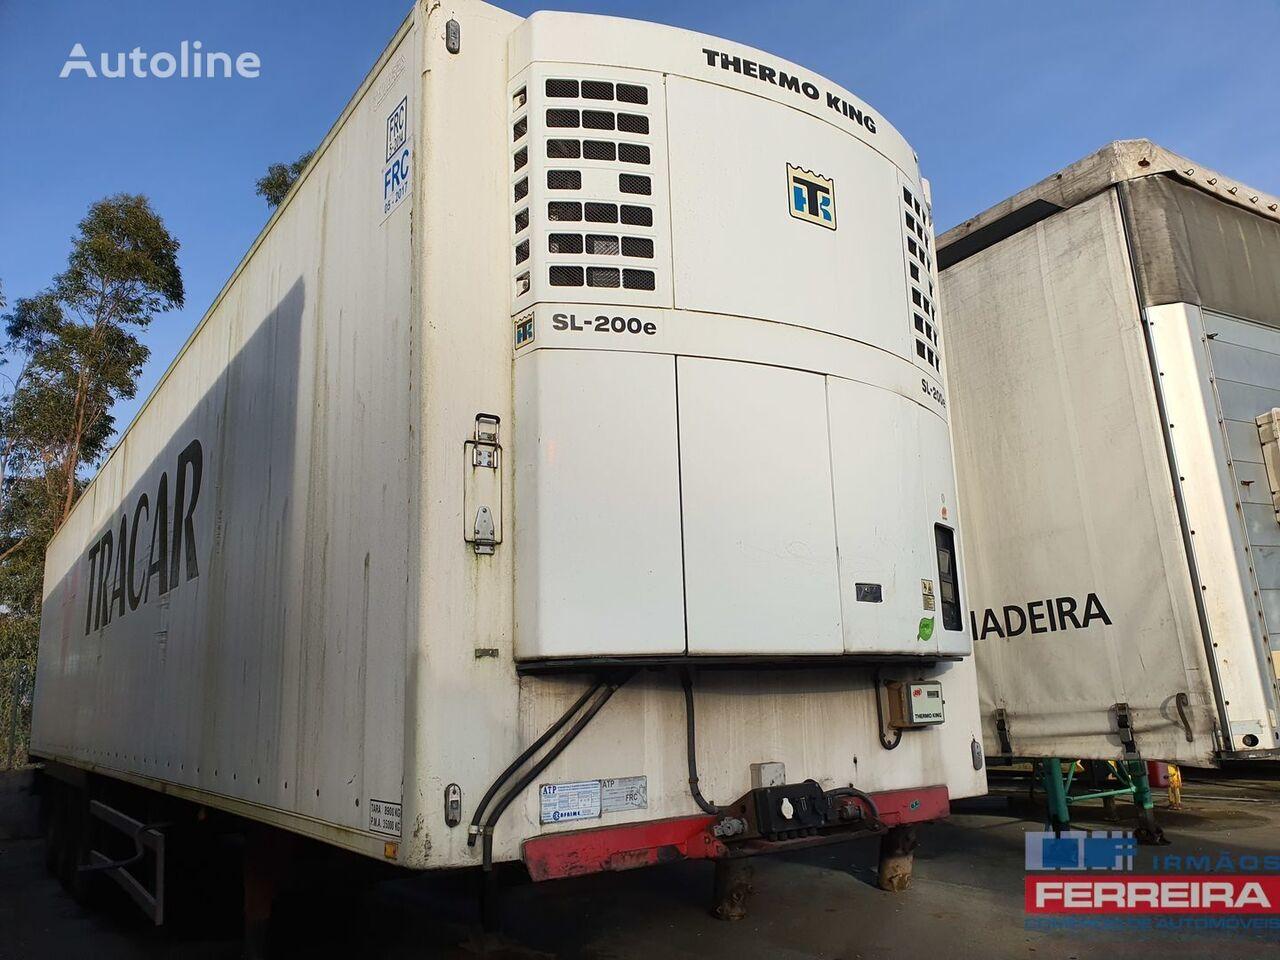 LECI TRAILER P 35 refrigerated semi-trailer